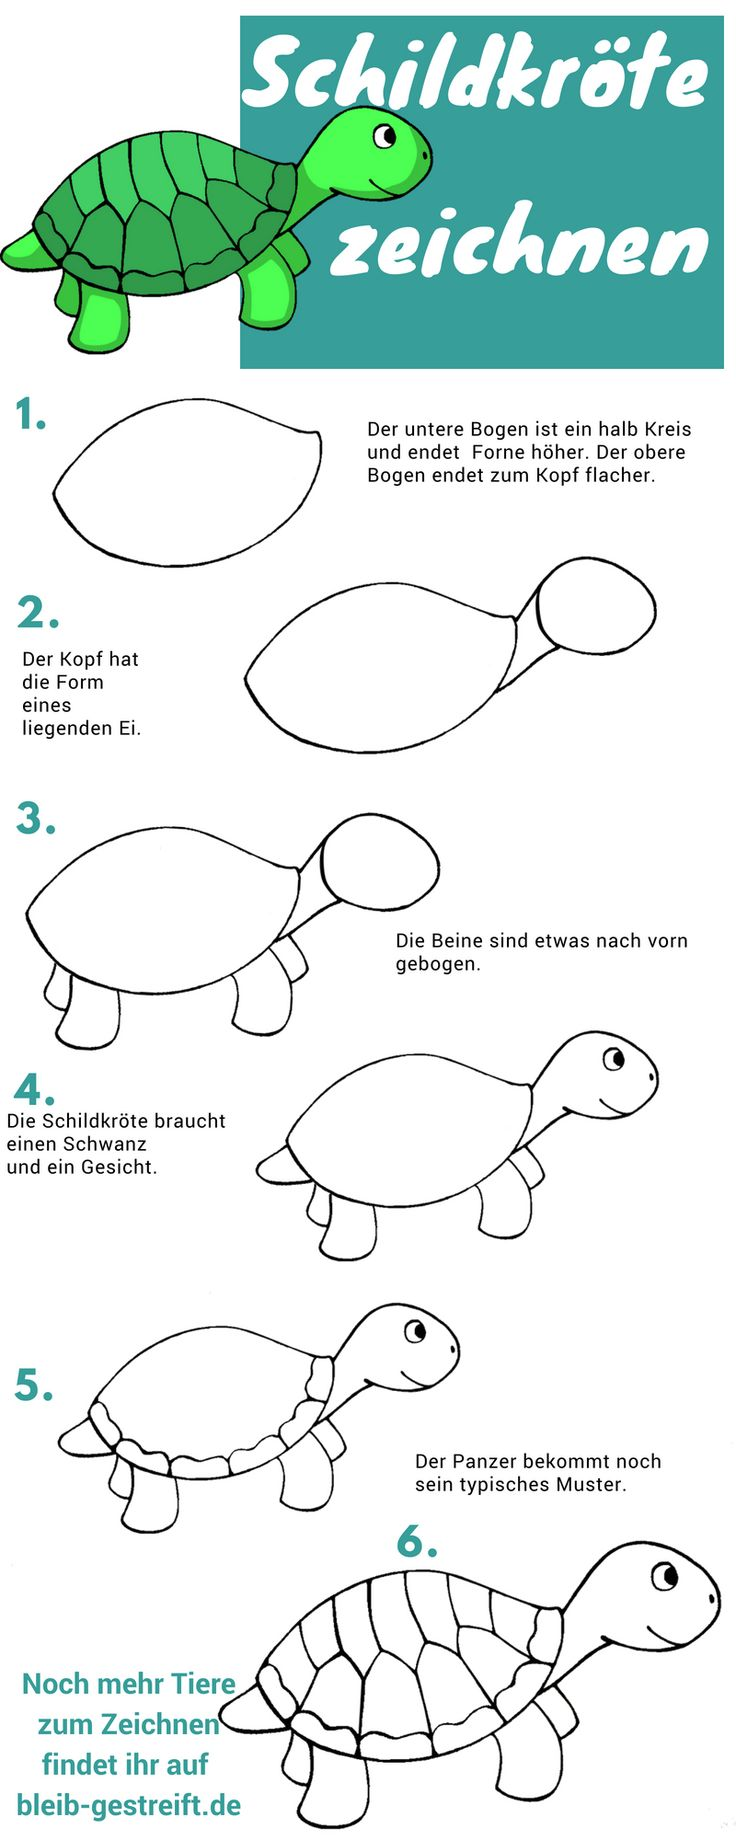 Schildkröte zeichnen lernen – eine Anleitung in 6 Schritten